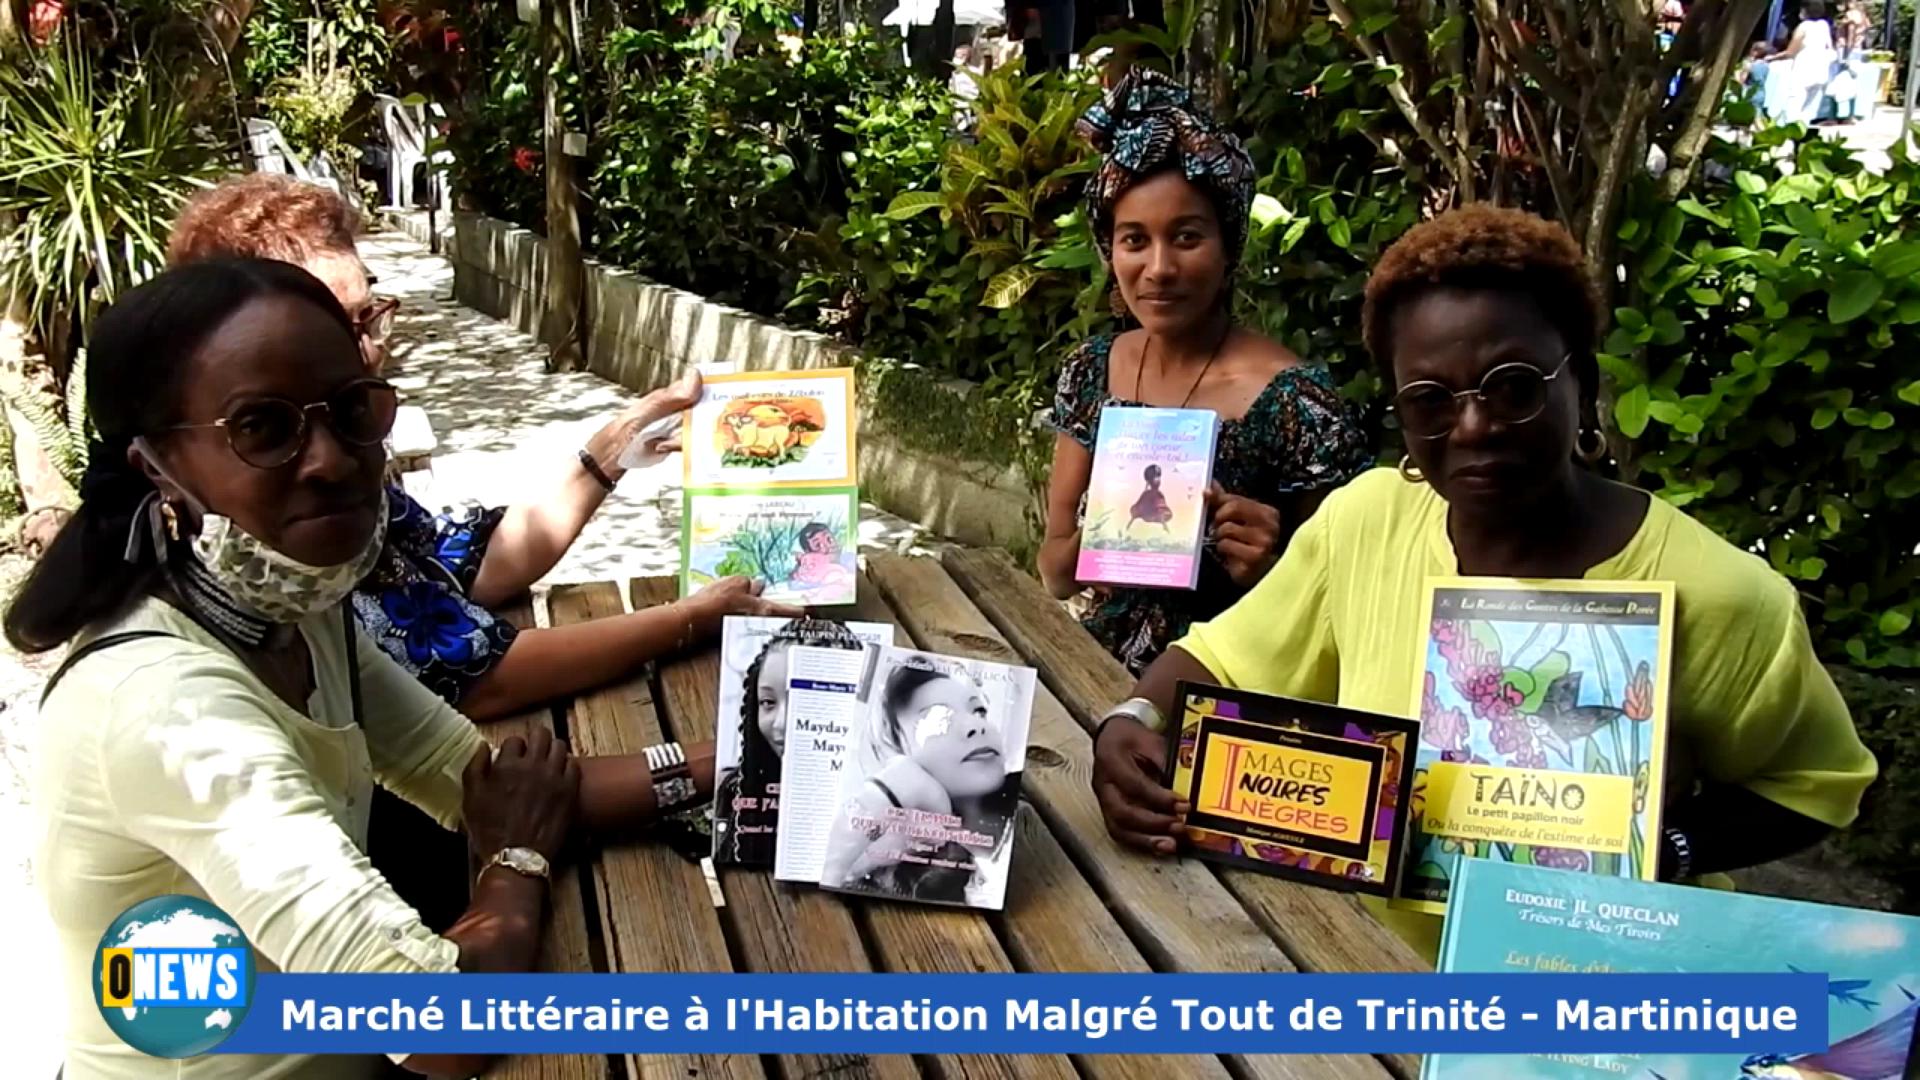 Onews Martinique. Marché littéraire à l habitation Malgré Tout de Trinité